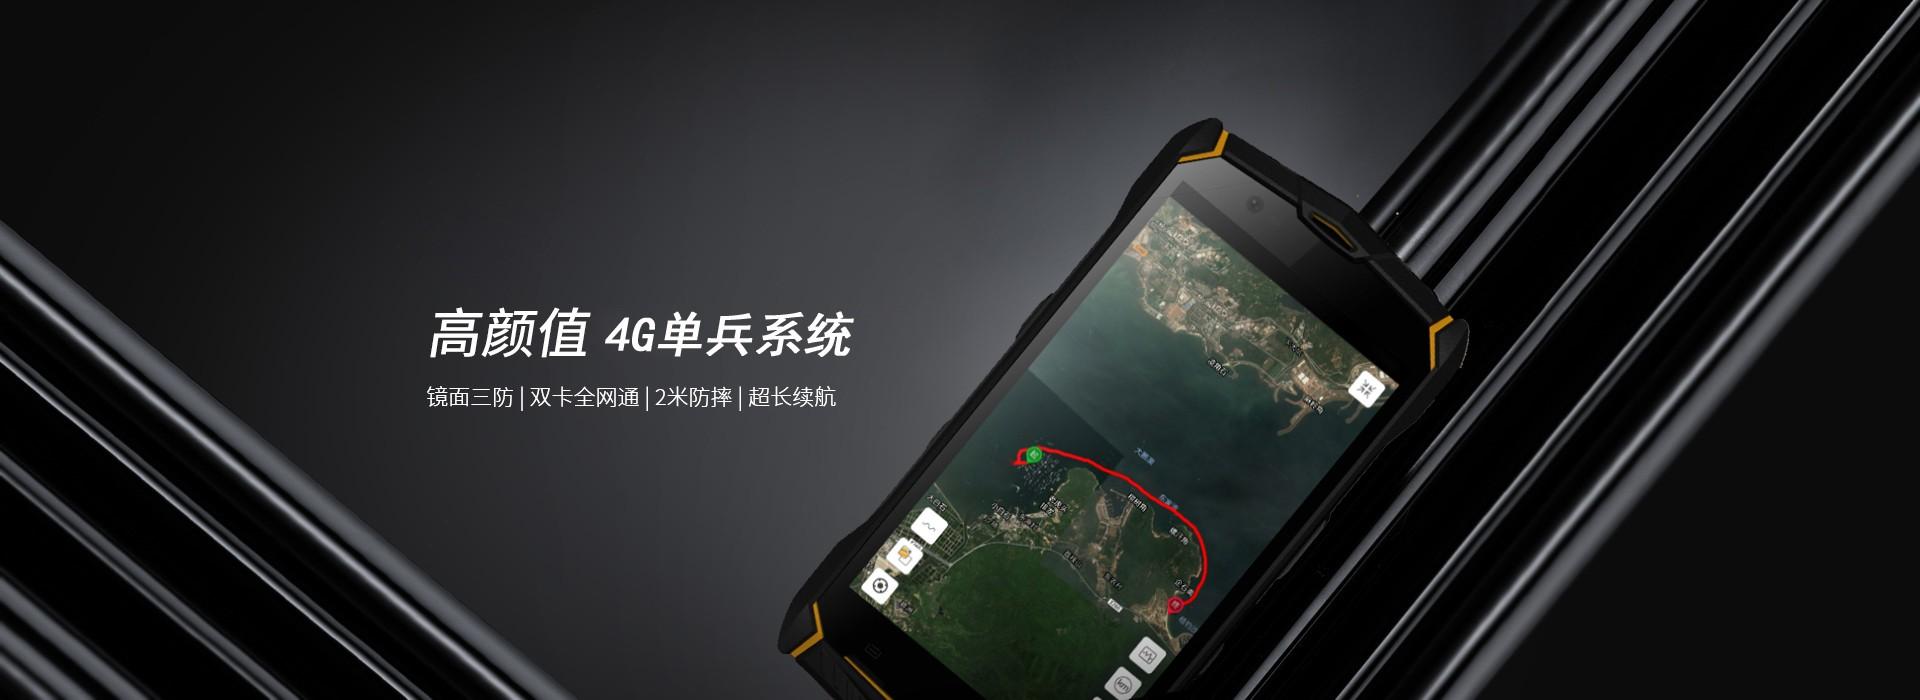 畅享4G+,享受美好 体验。